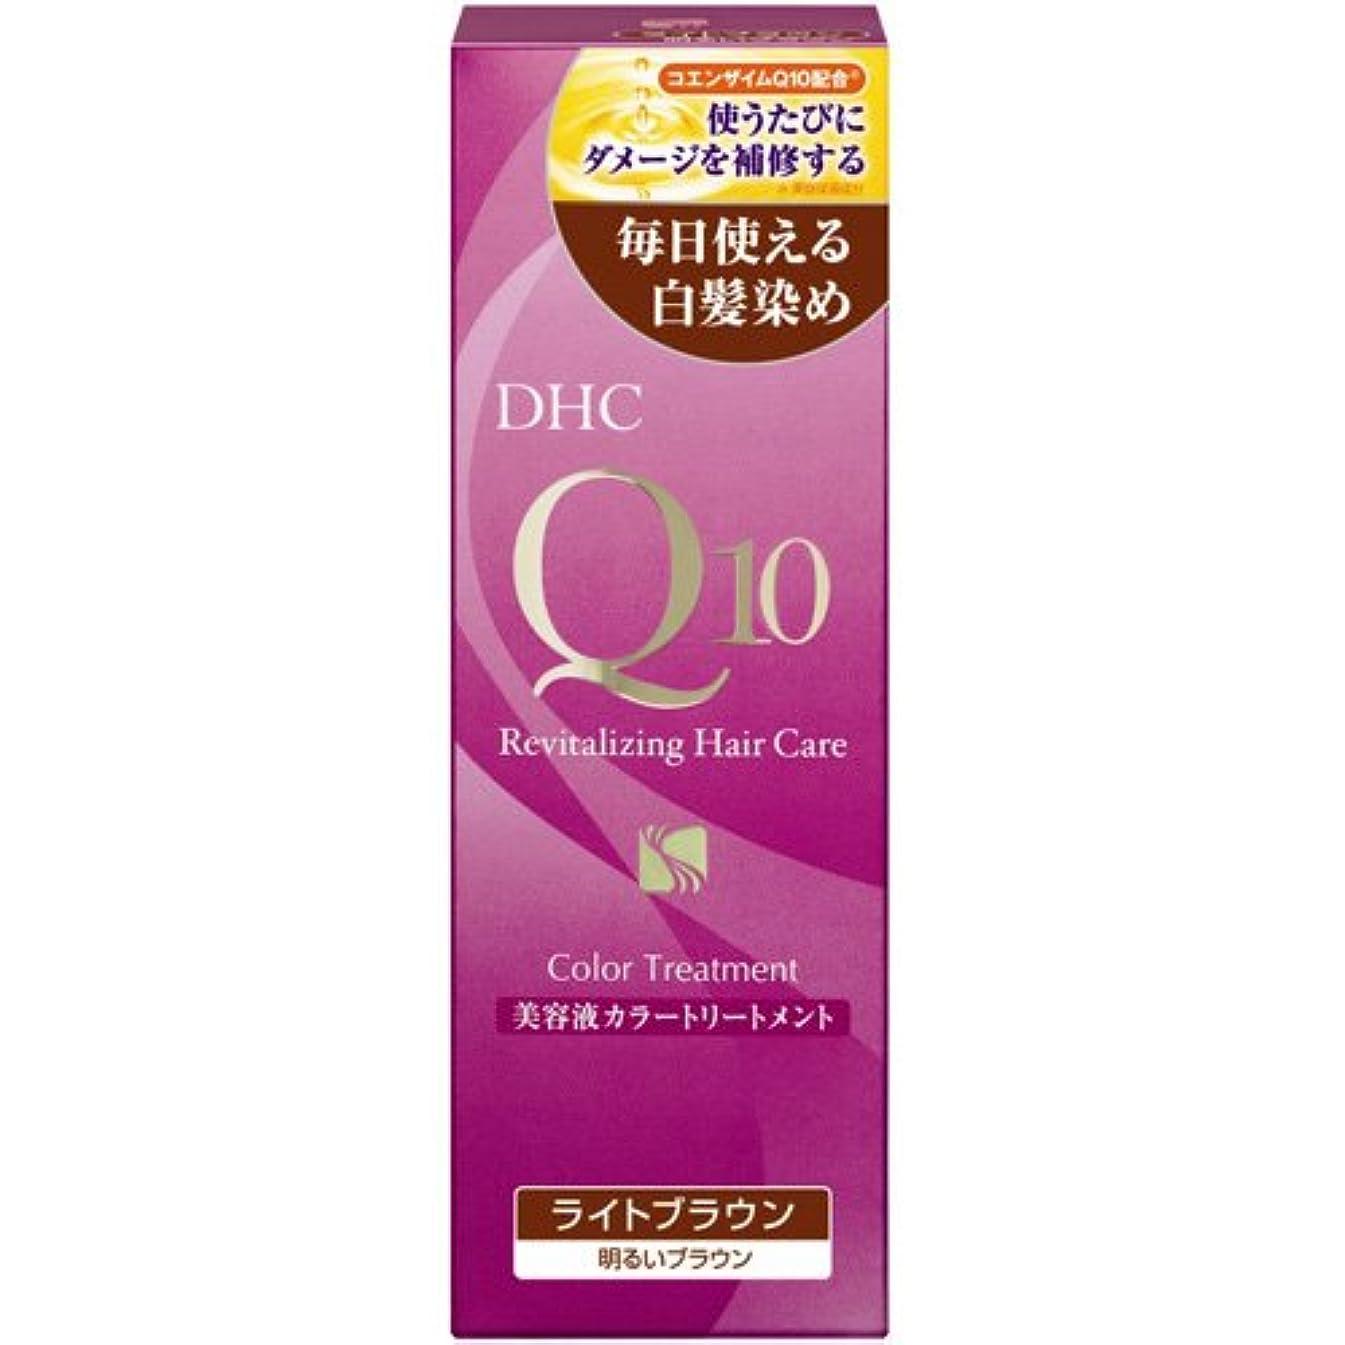 恵み略す憤るDHC Q10美溶液カラートリートメントLブラウンSS170g